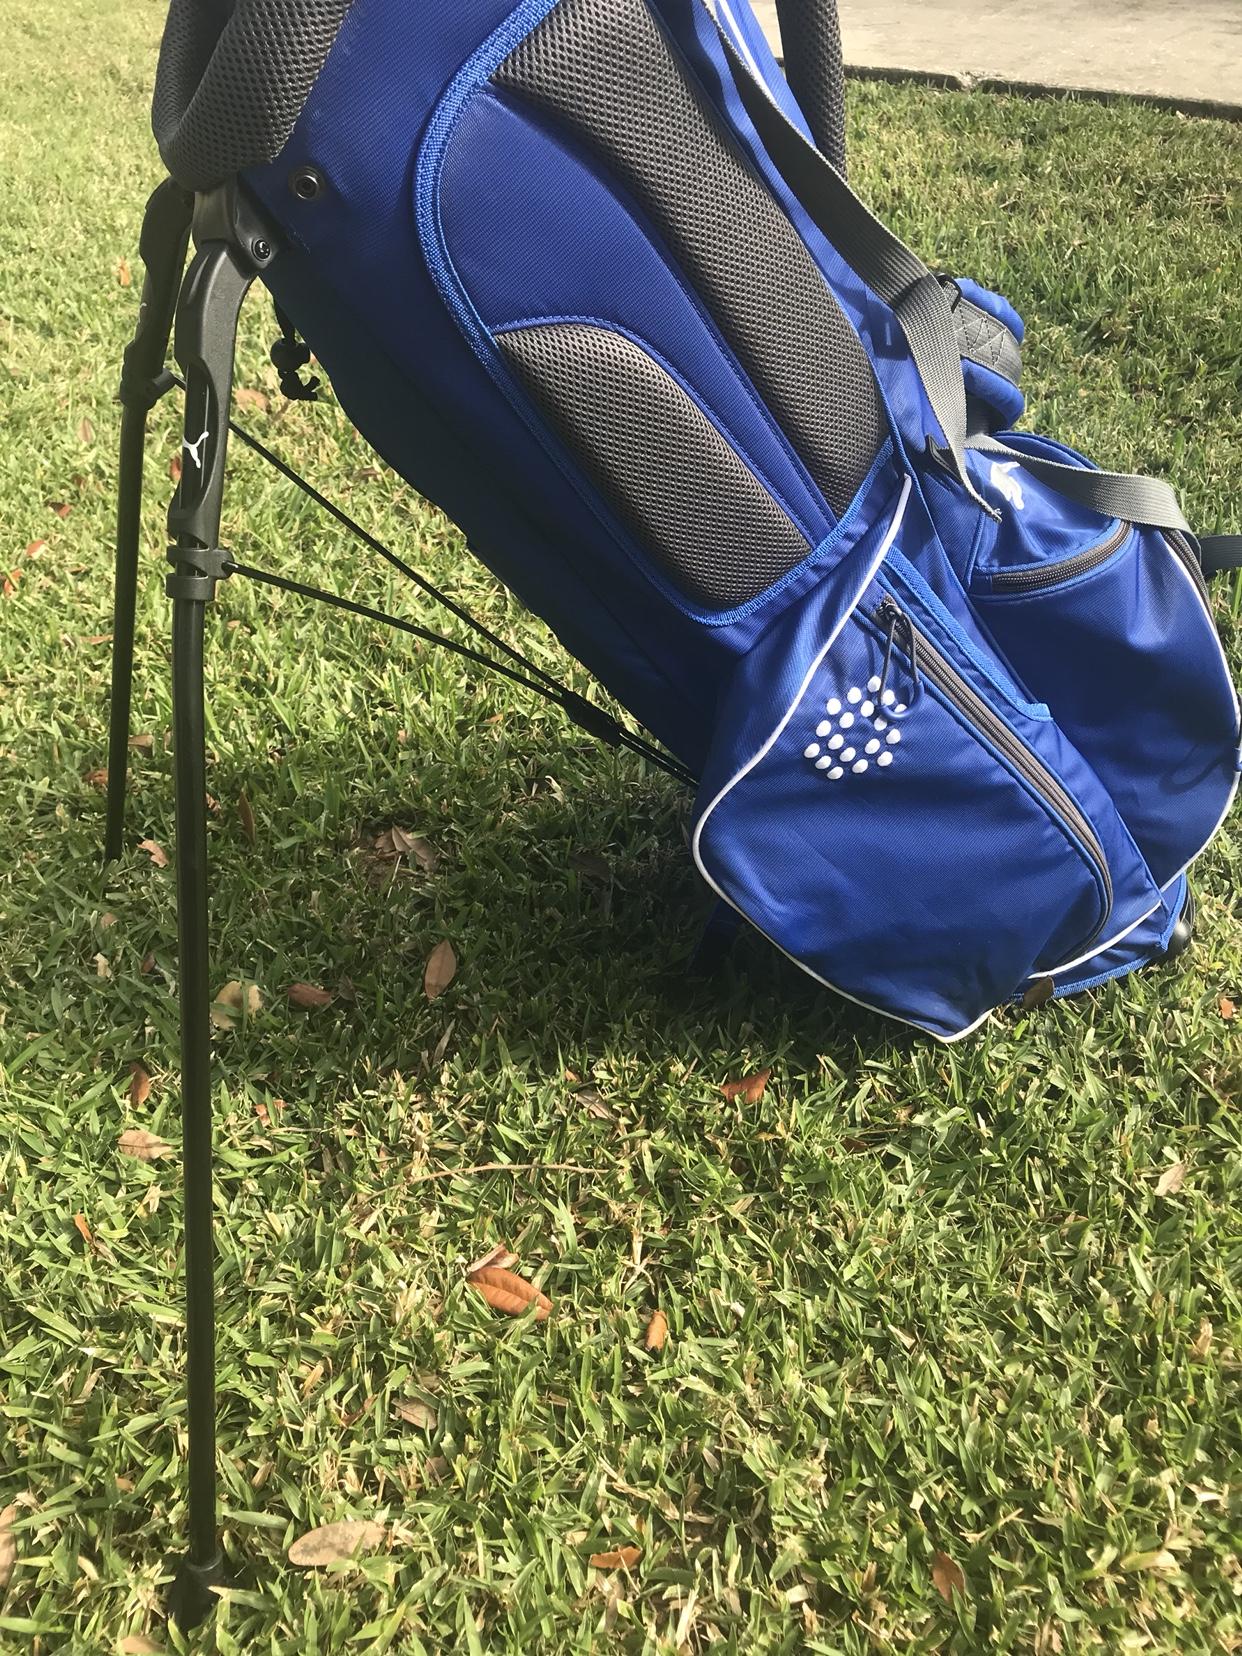 187162afc3 FS  Puma Superlite Golf Bag